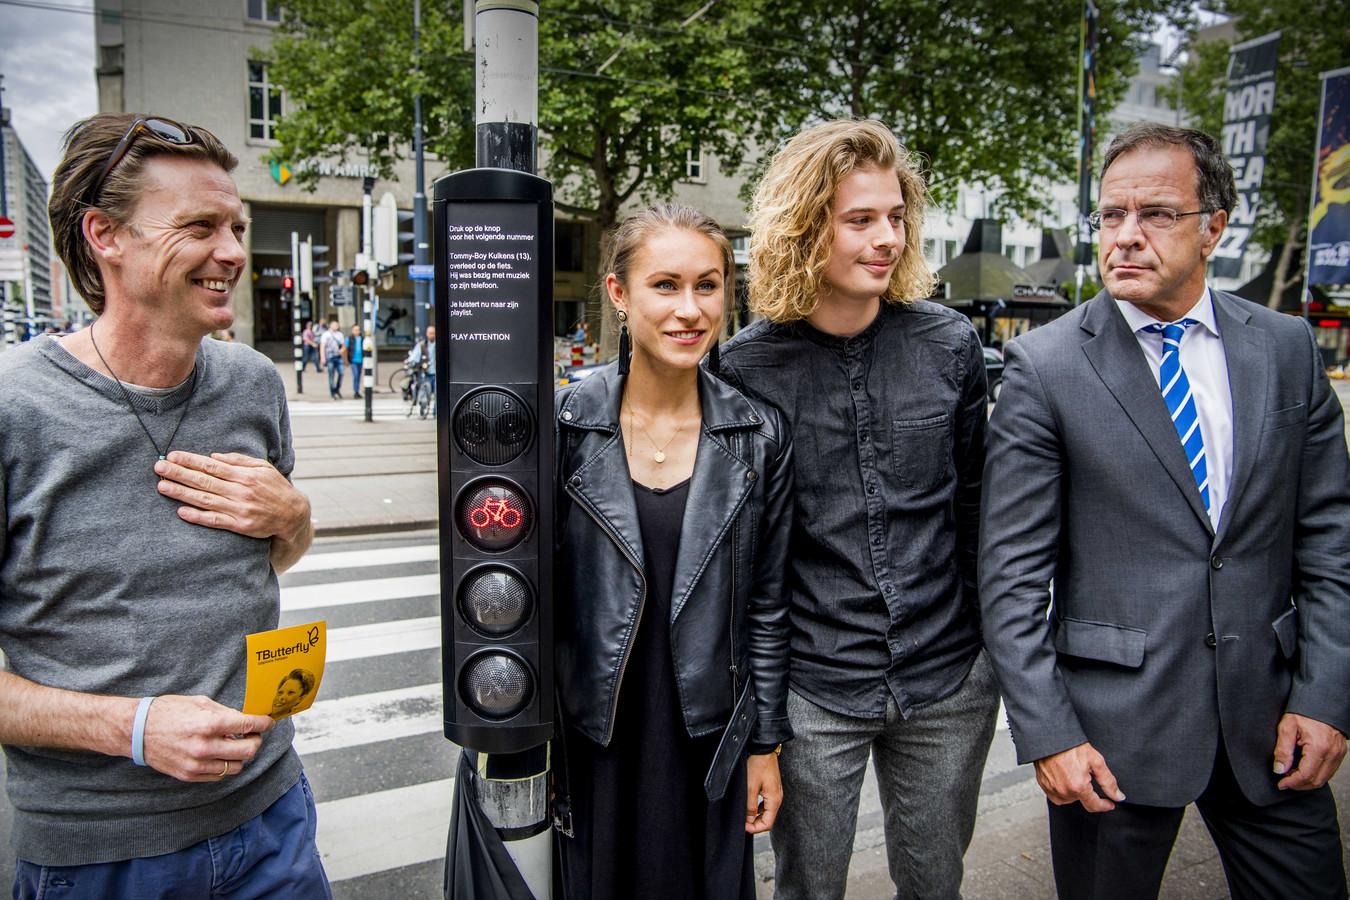 De vader van Tommy-Boy, Michael Kulkens (L) en wethouder Mobiliteit Pex Langenberg (R). Tussen hen in staan Tom Sibma en Carlijn Bijlsma, de bedenkers van het verkeerslicht.